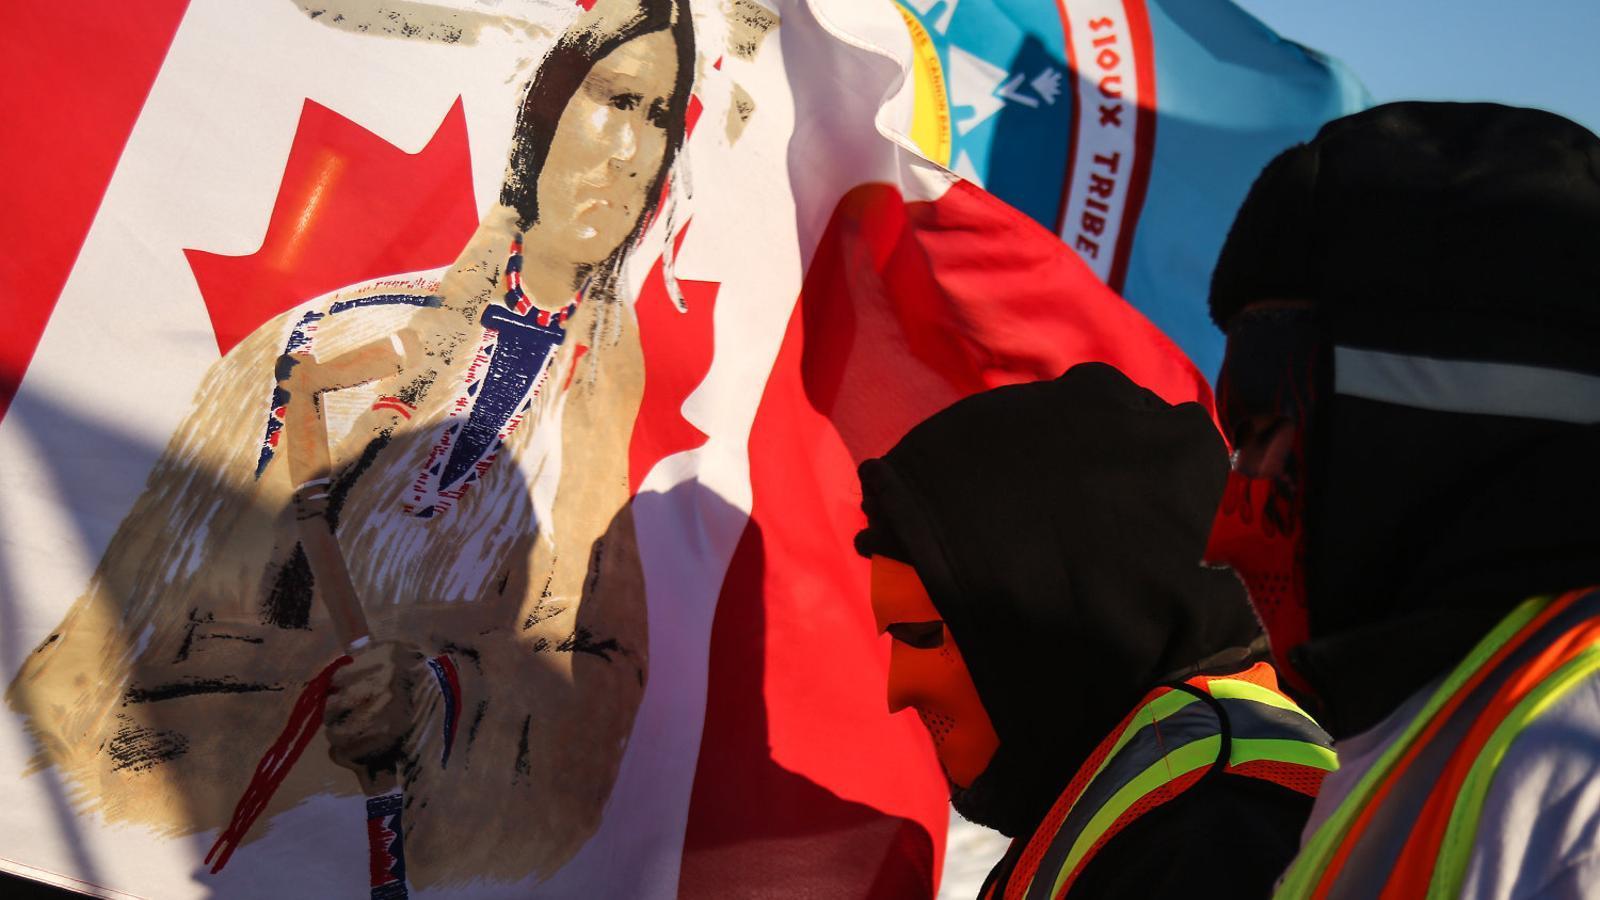 Representants indígenes del Canadà participen en un acte simbòlic i reivindicatiu per exigir justícia.